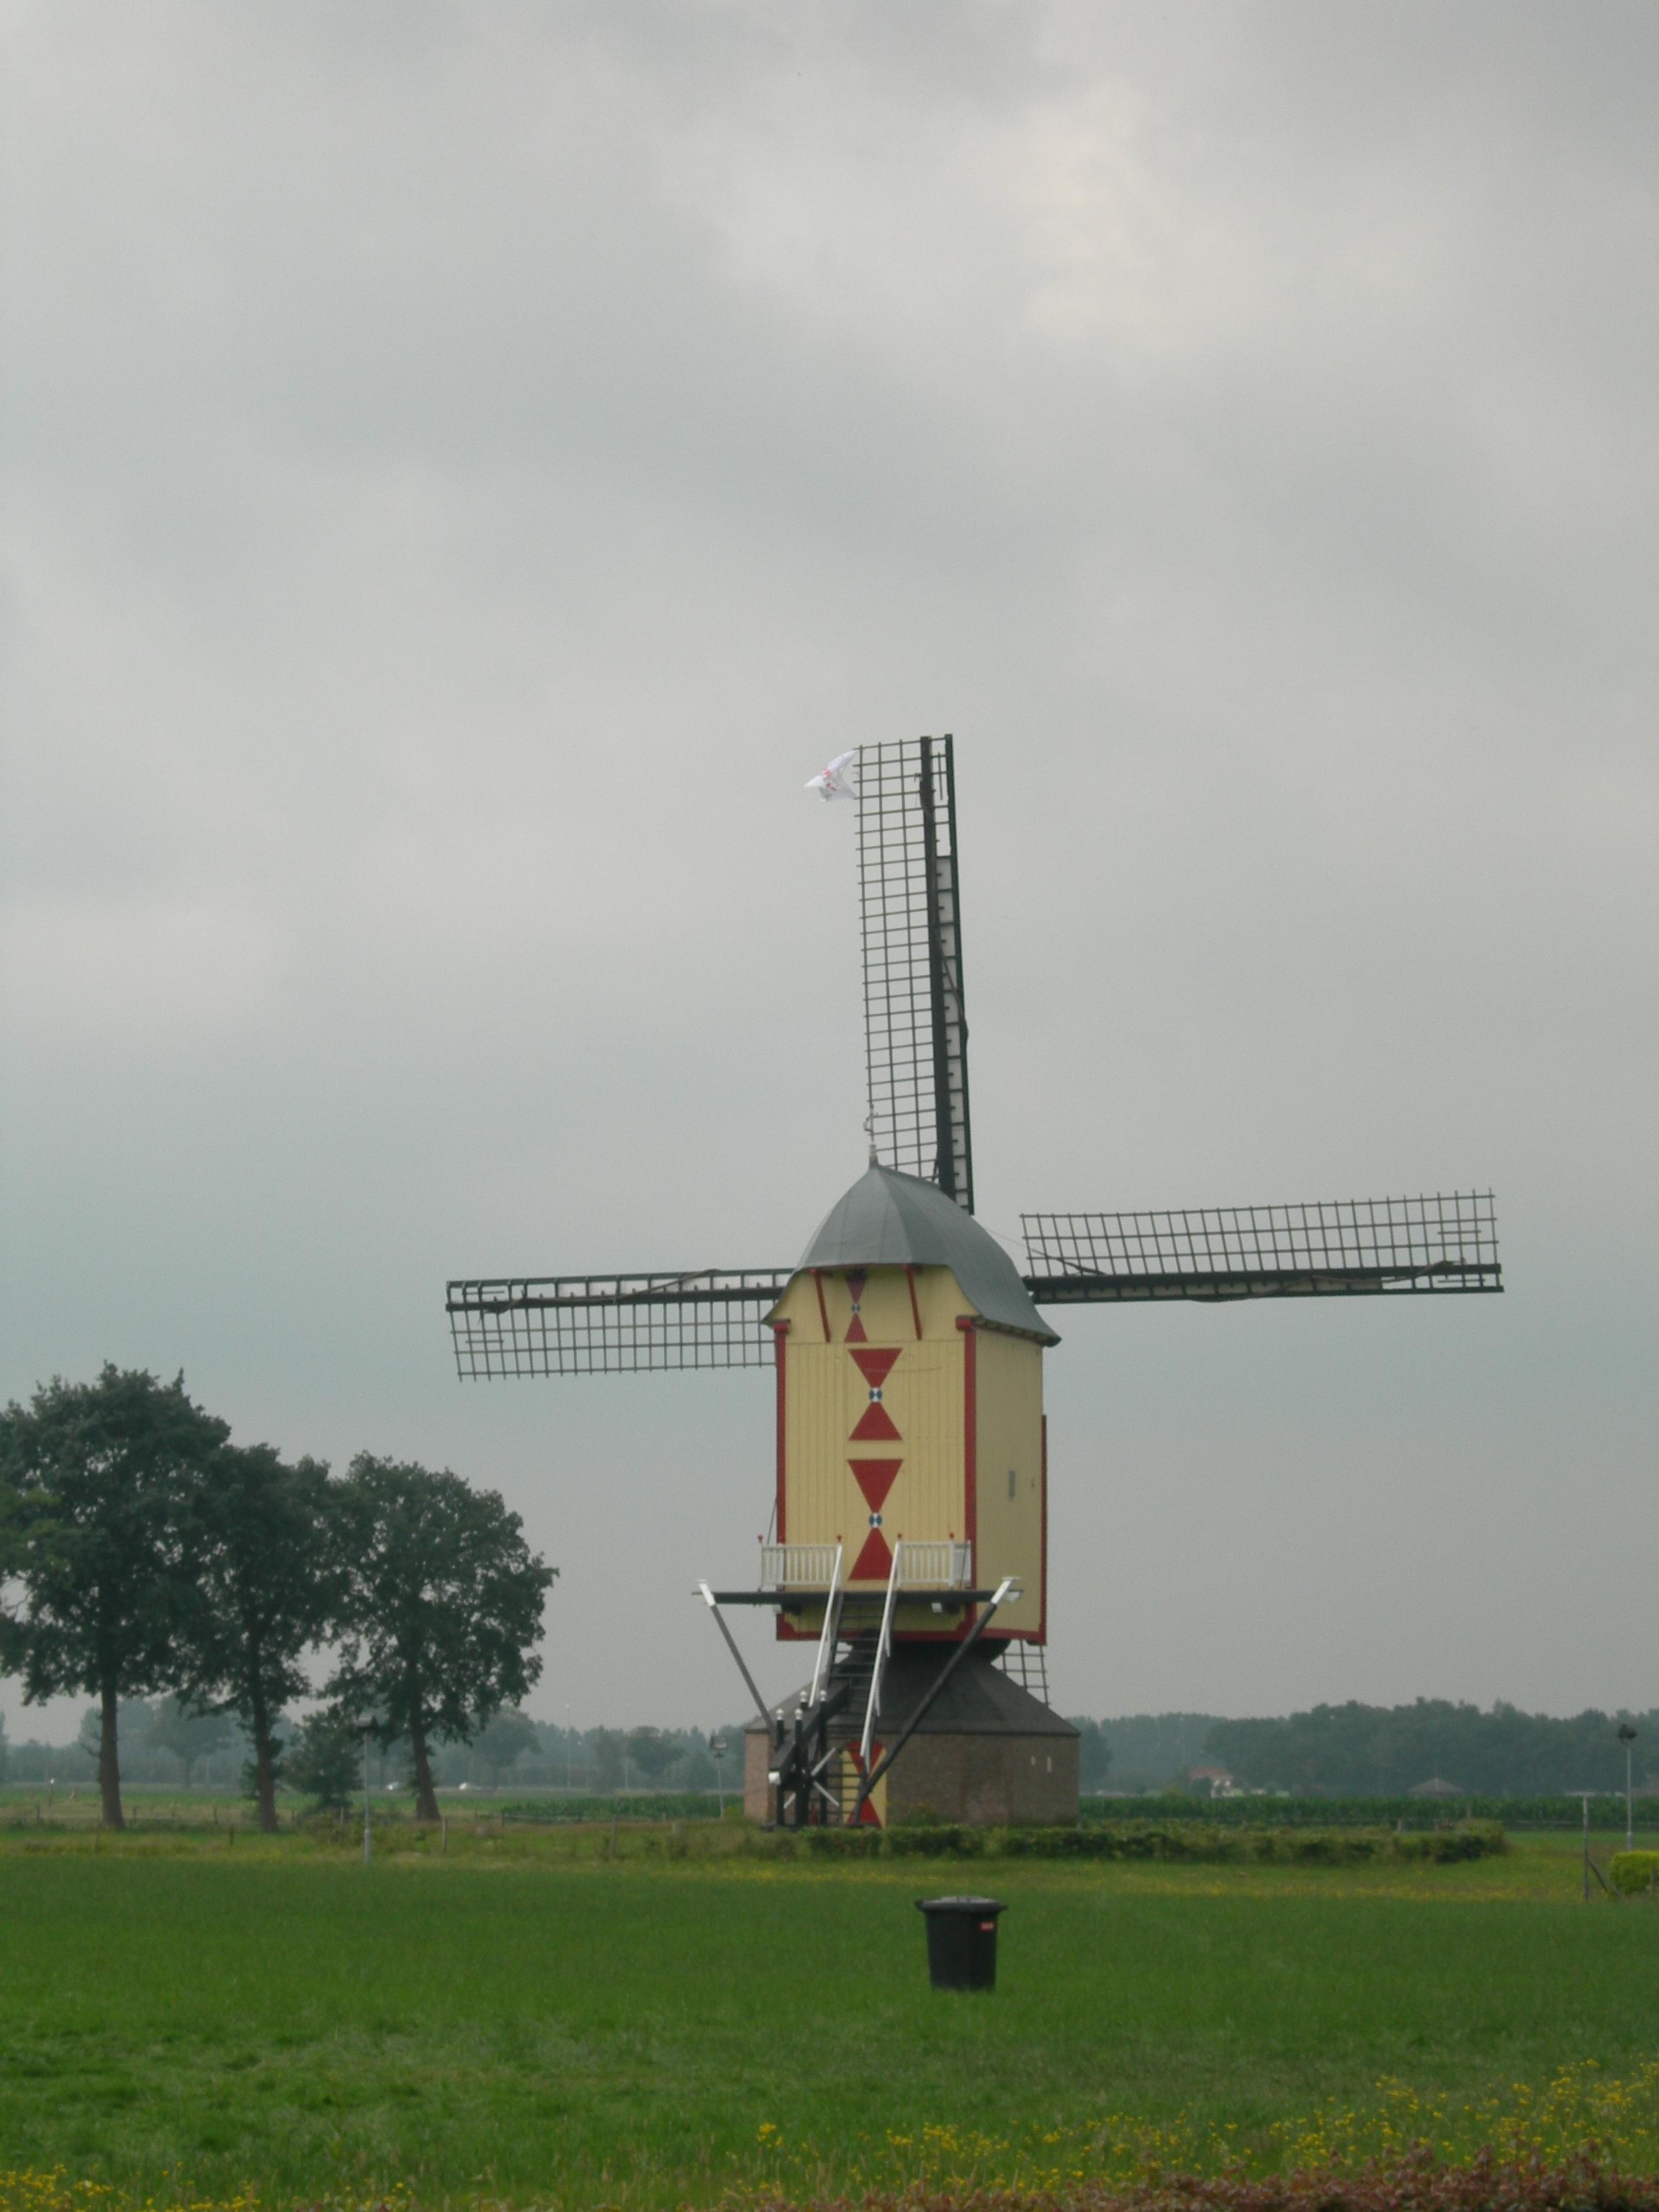 Maasdonk